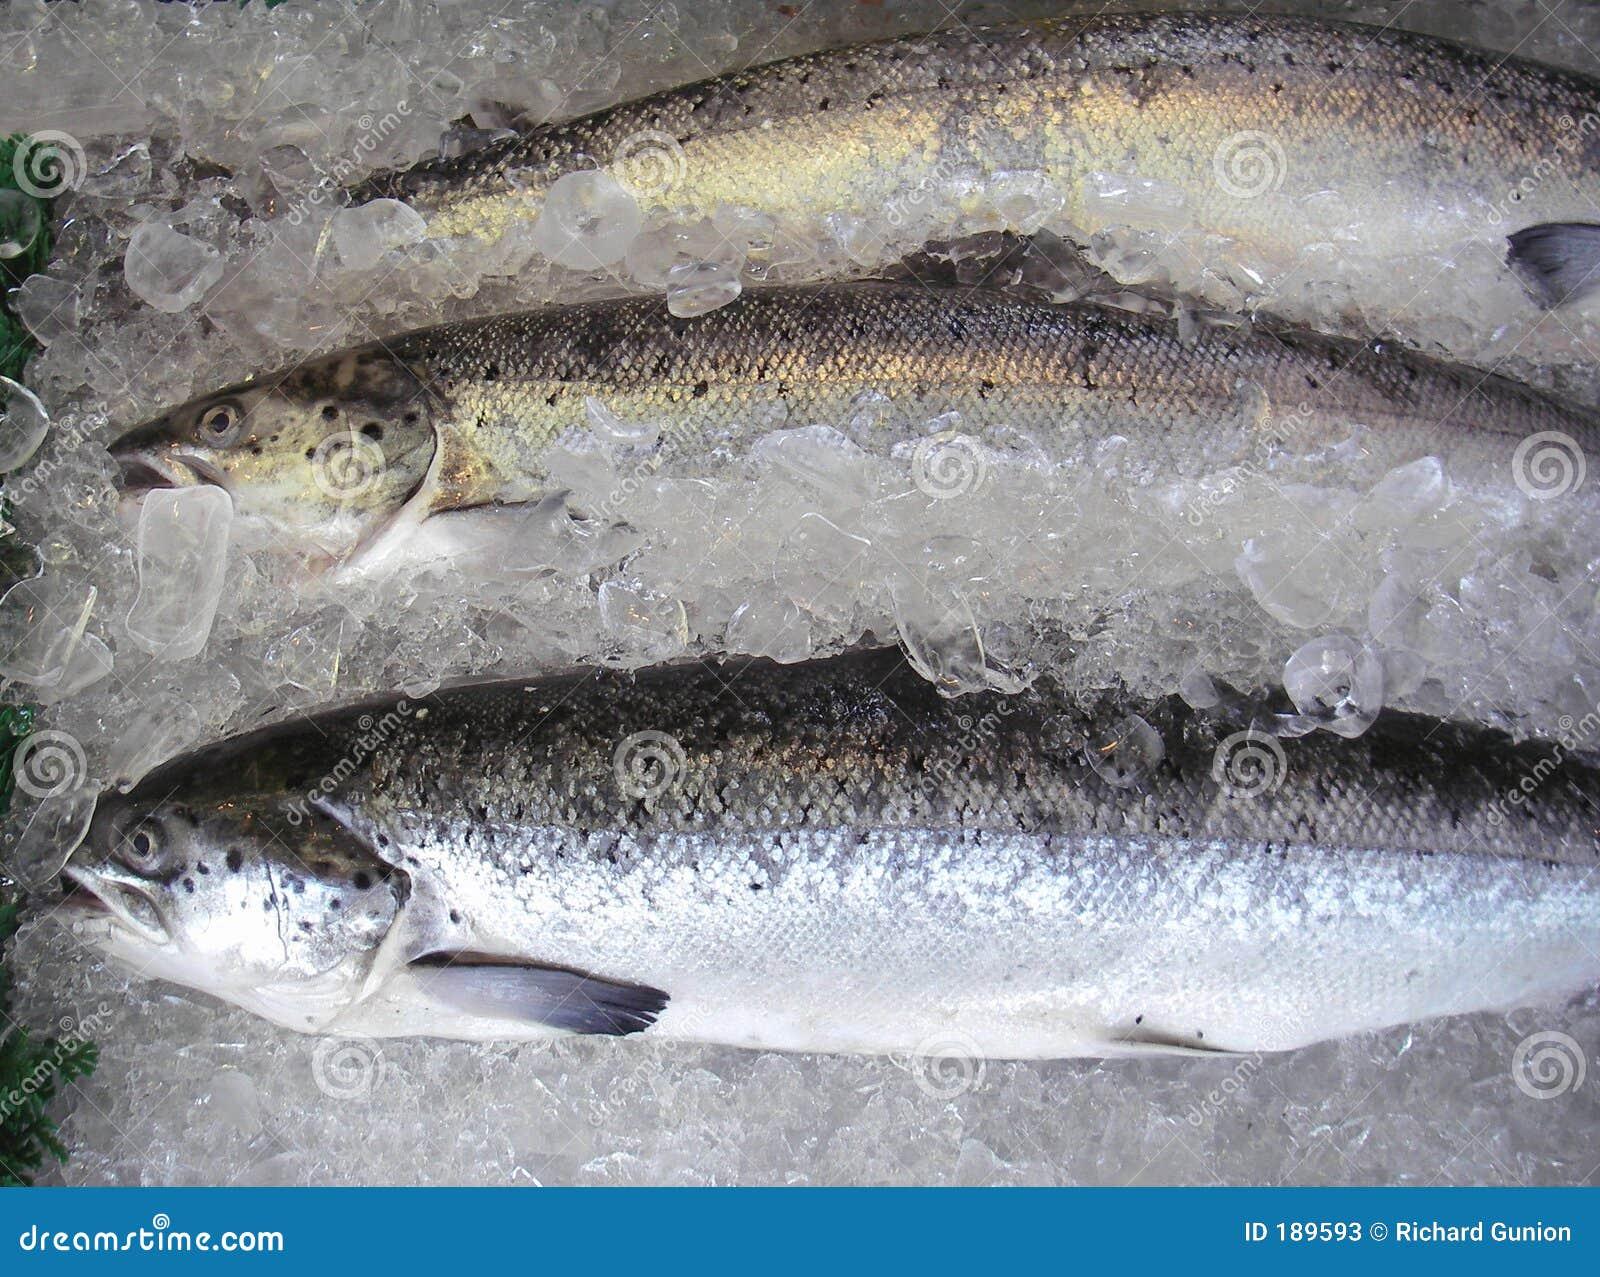 Salmoni allevati azienda agricola